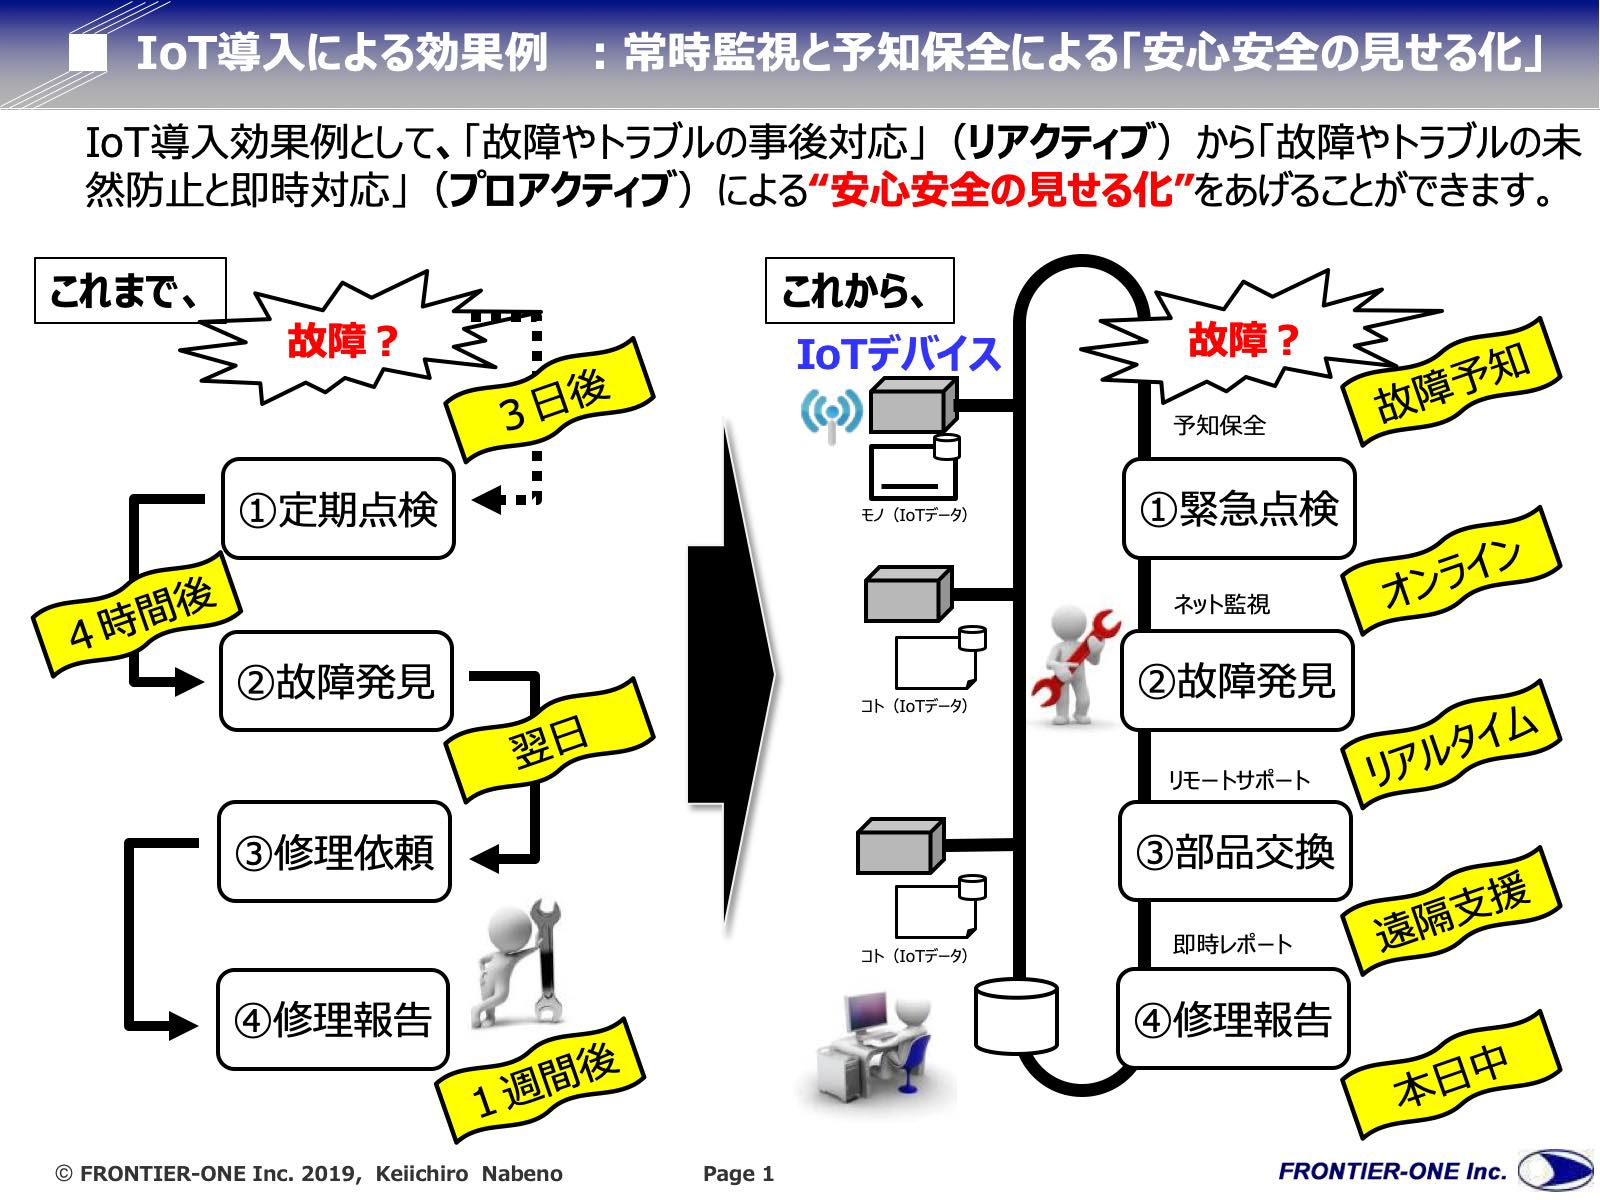 図1 IoT導入による効果の例